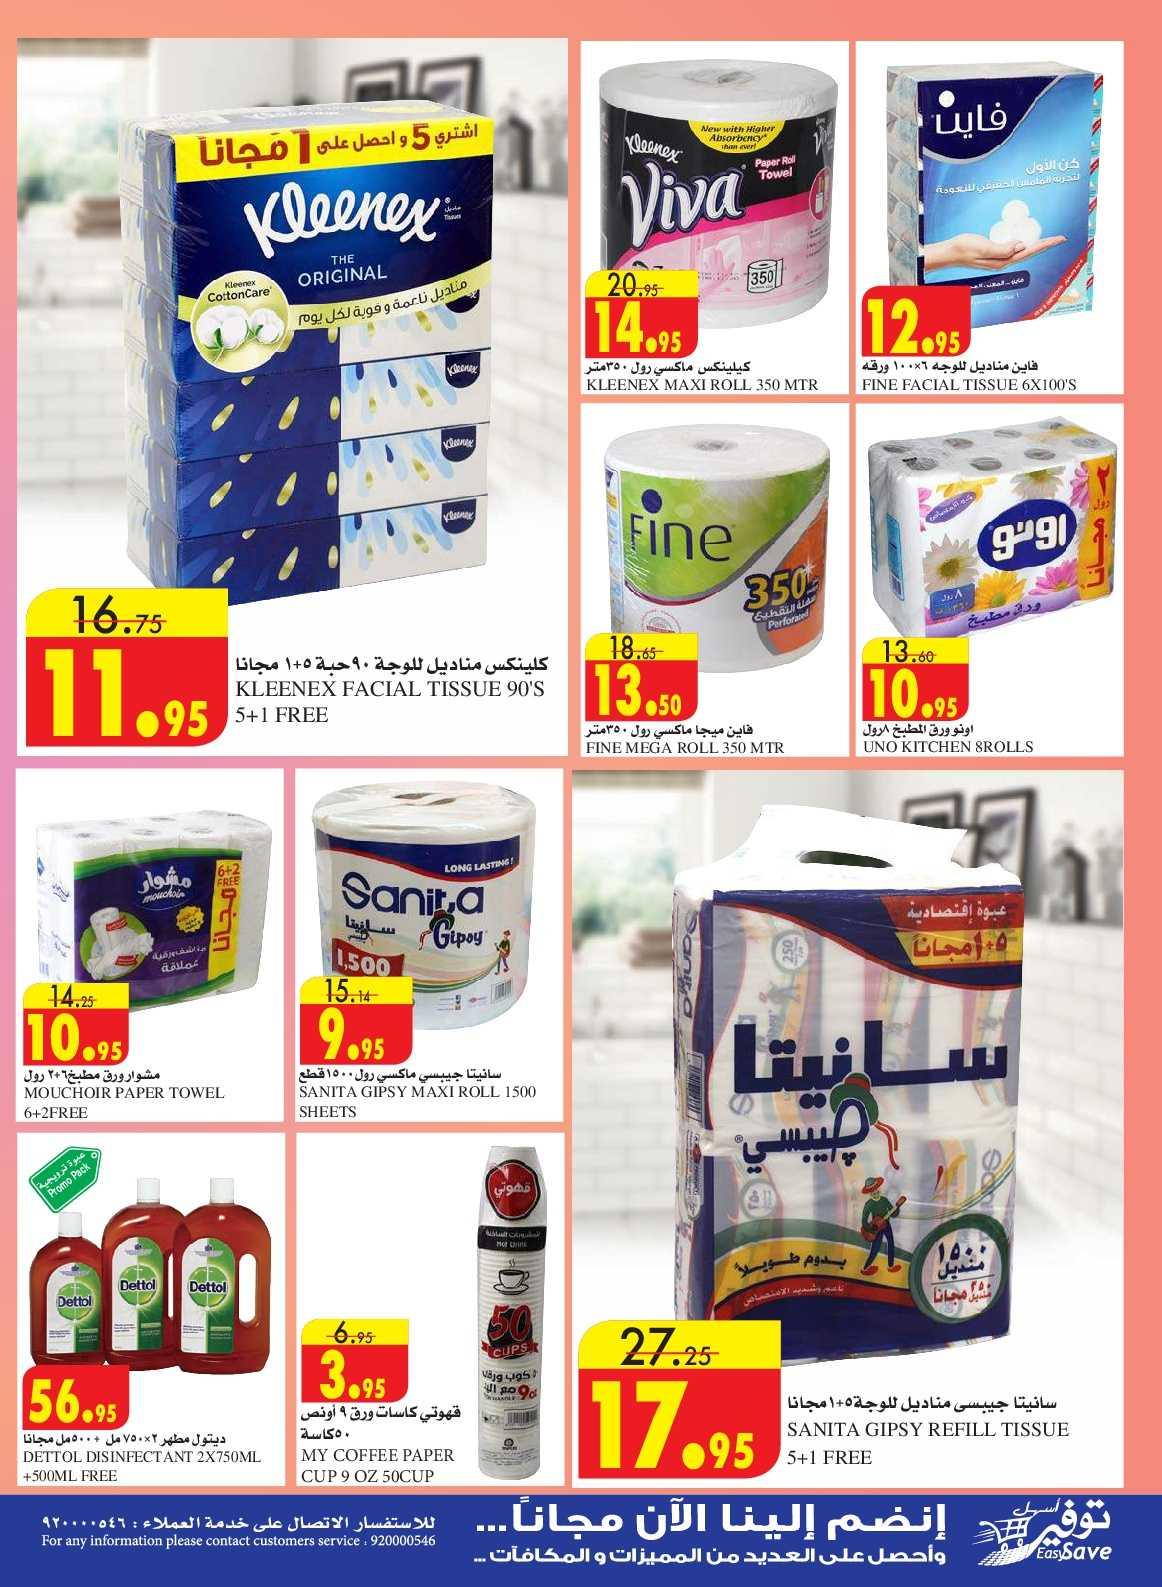 عروض السدحان الرياض الاسبوعية من 6 فبراير حتى 12 فبراير 2019 اكبر الماركات بأقل الاسعار